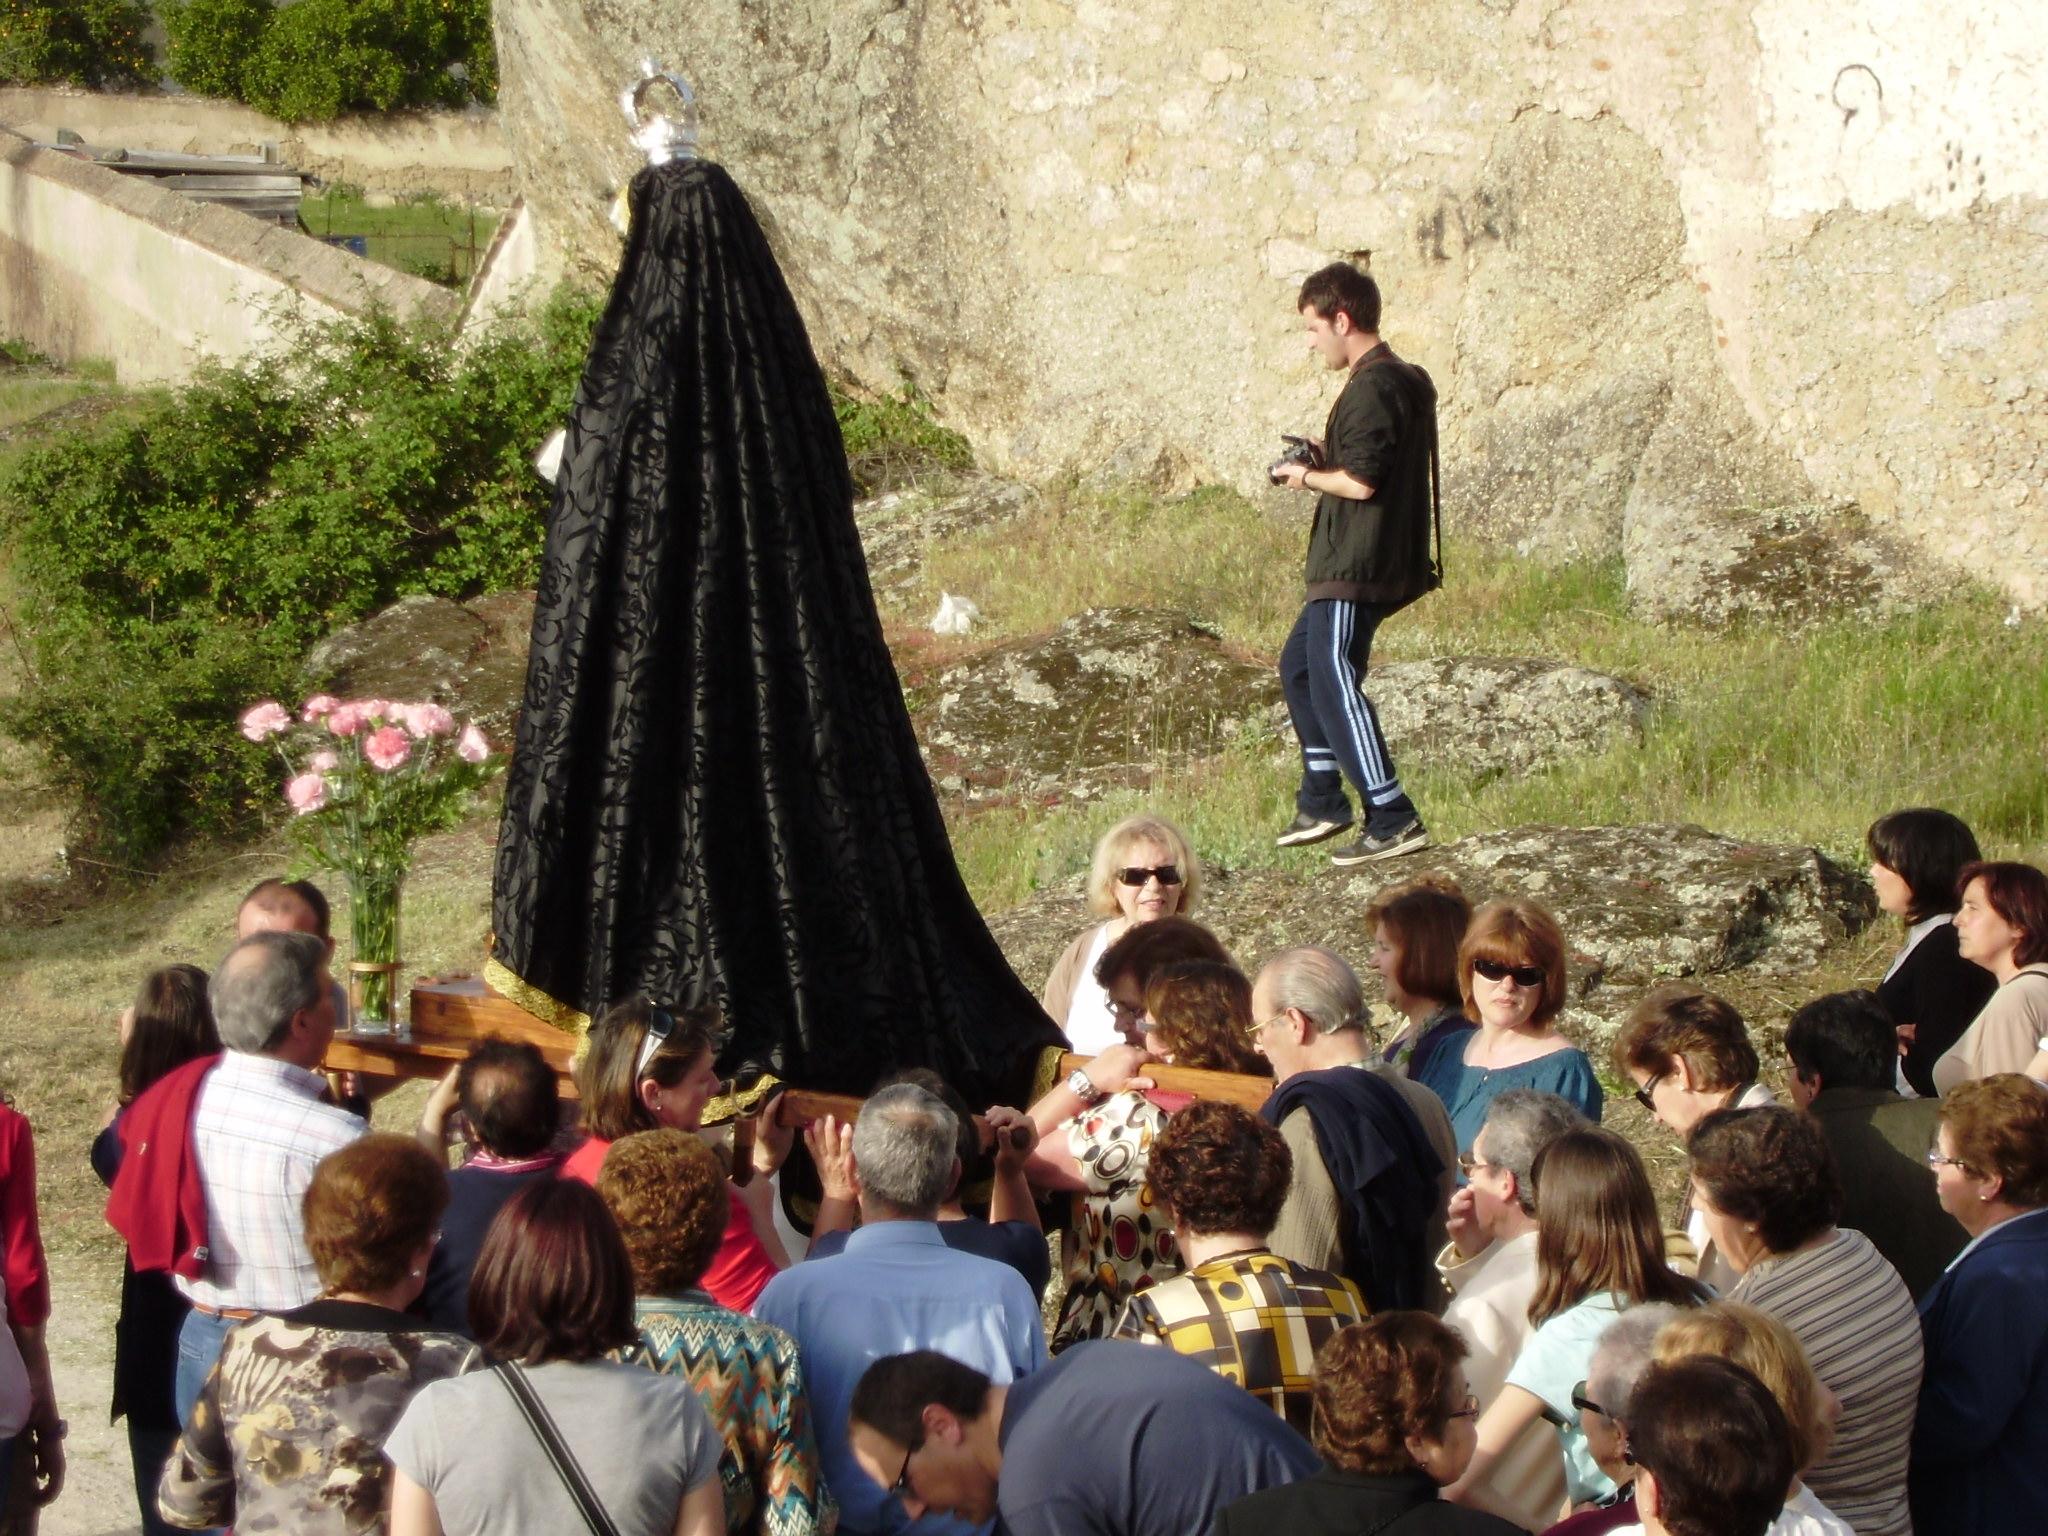 La traida de la Virgen de la Soledad, el primer acto litúrgico